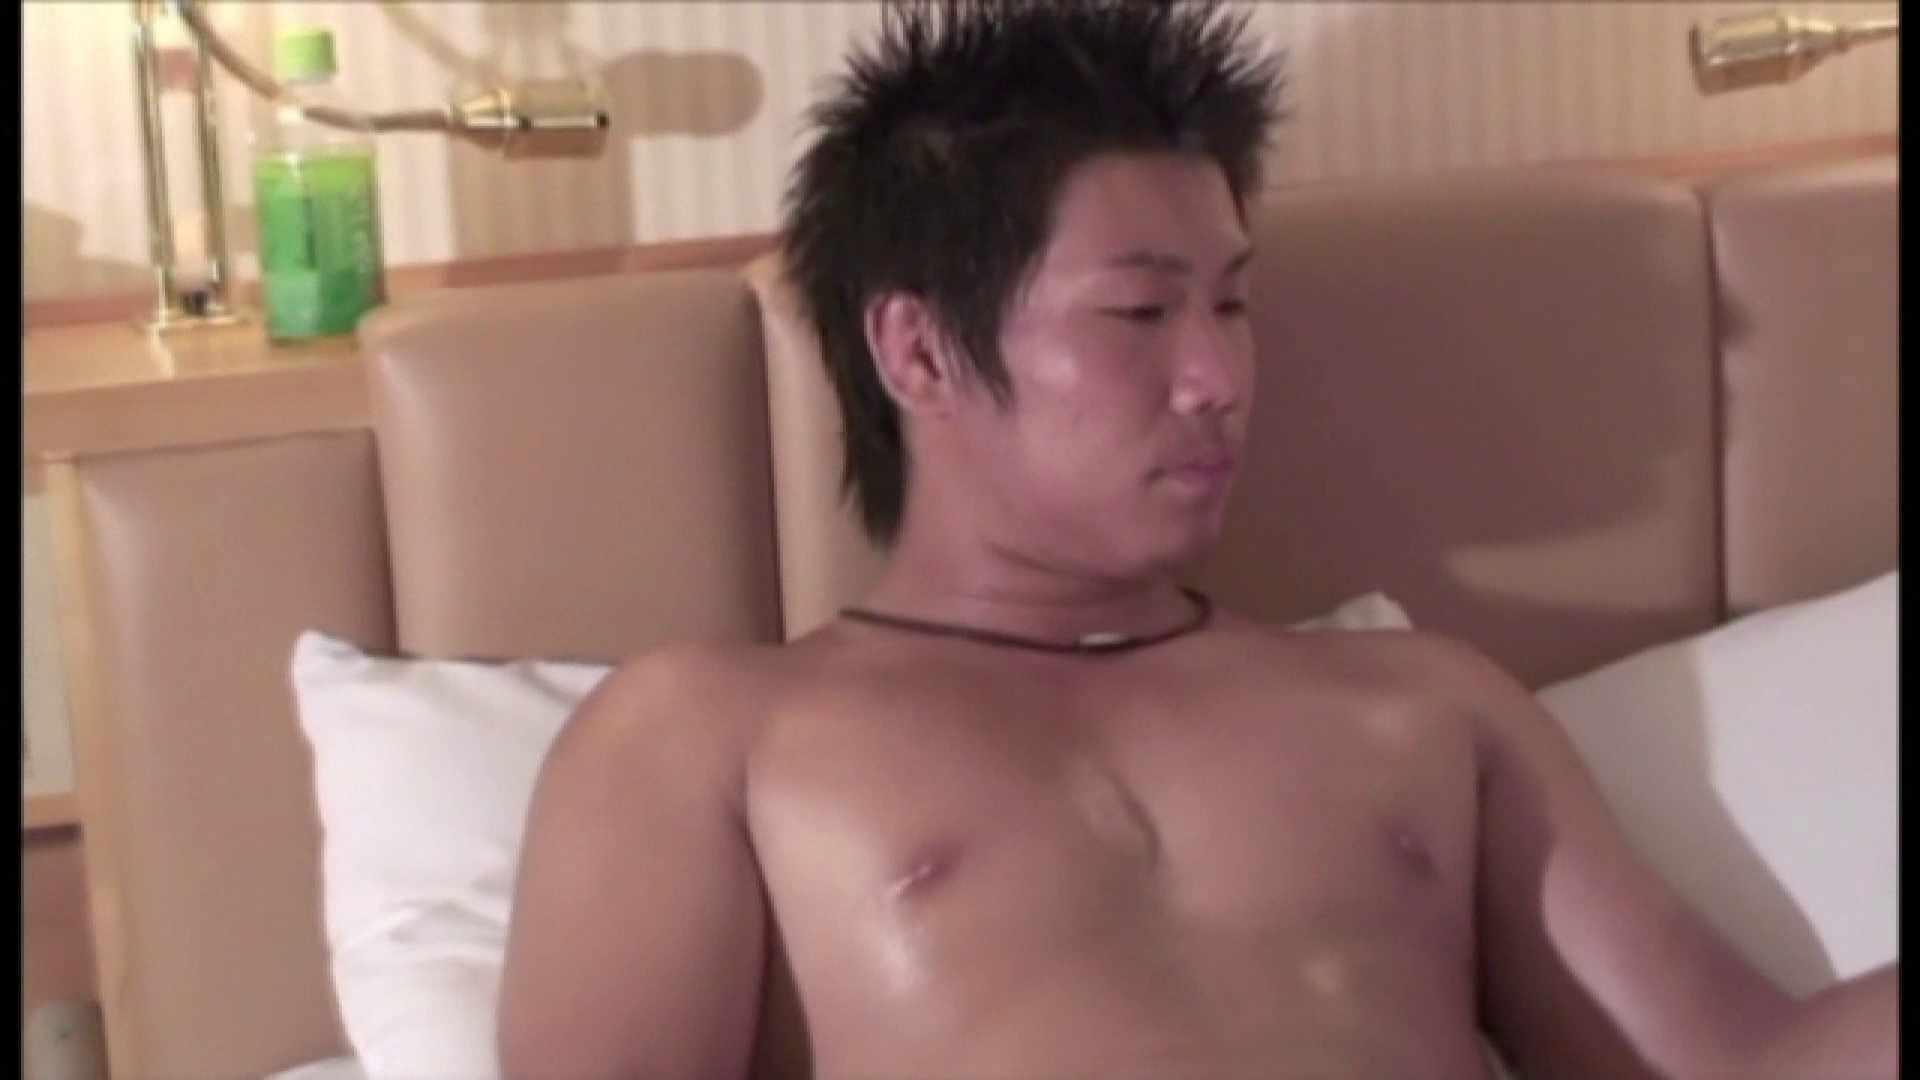 ノンケイケメンの欲望と肉棒 Vol.25 エロ  90pic 52